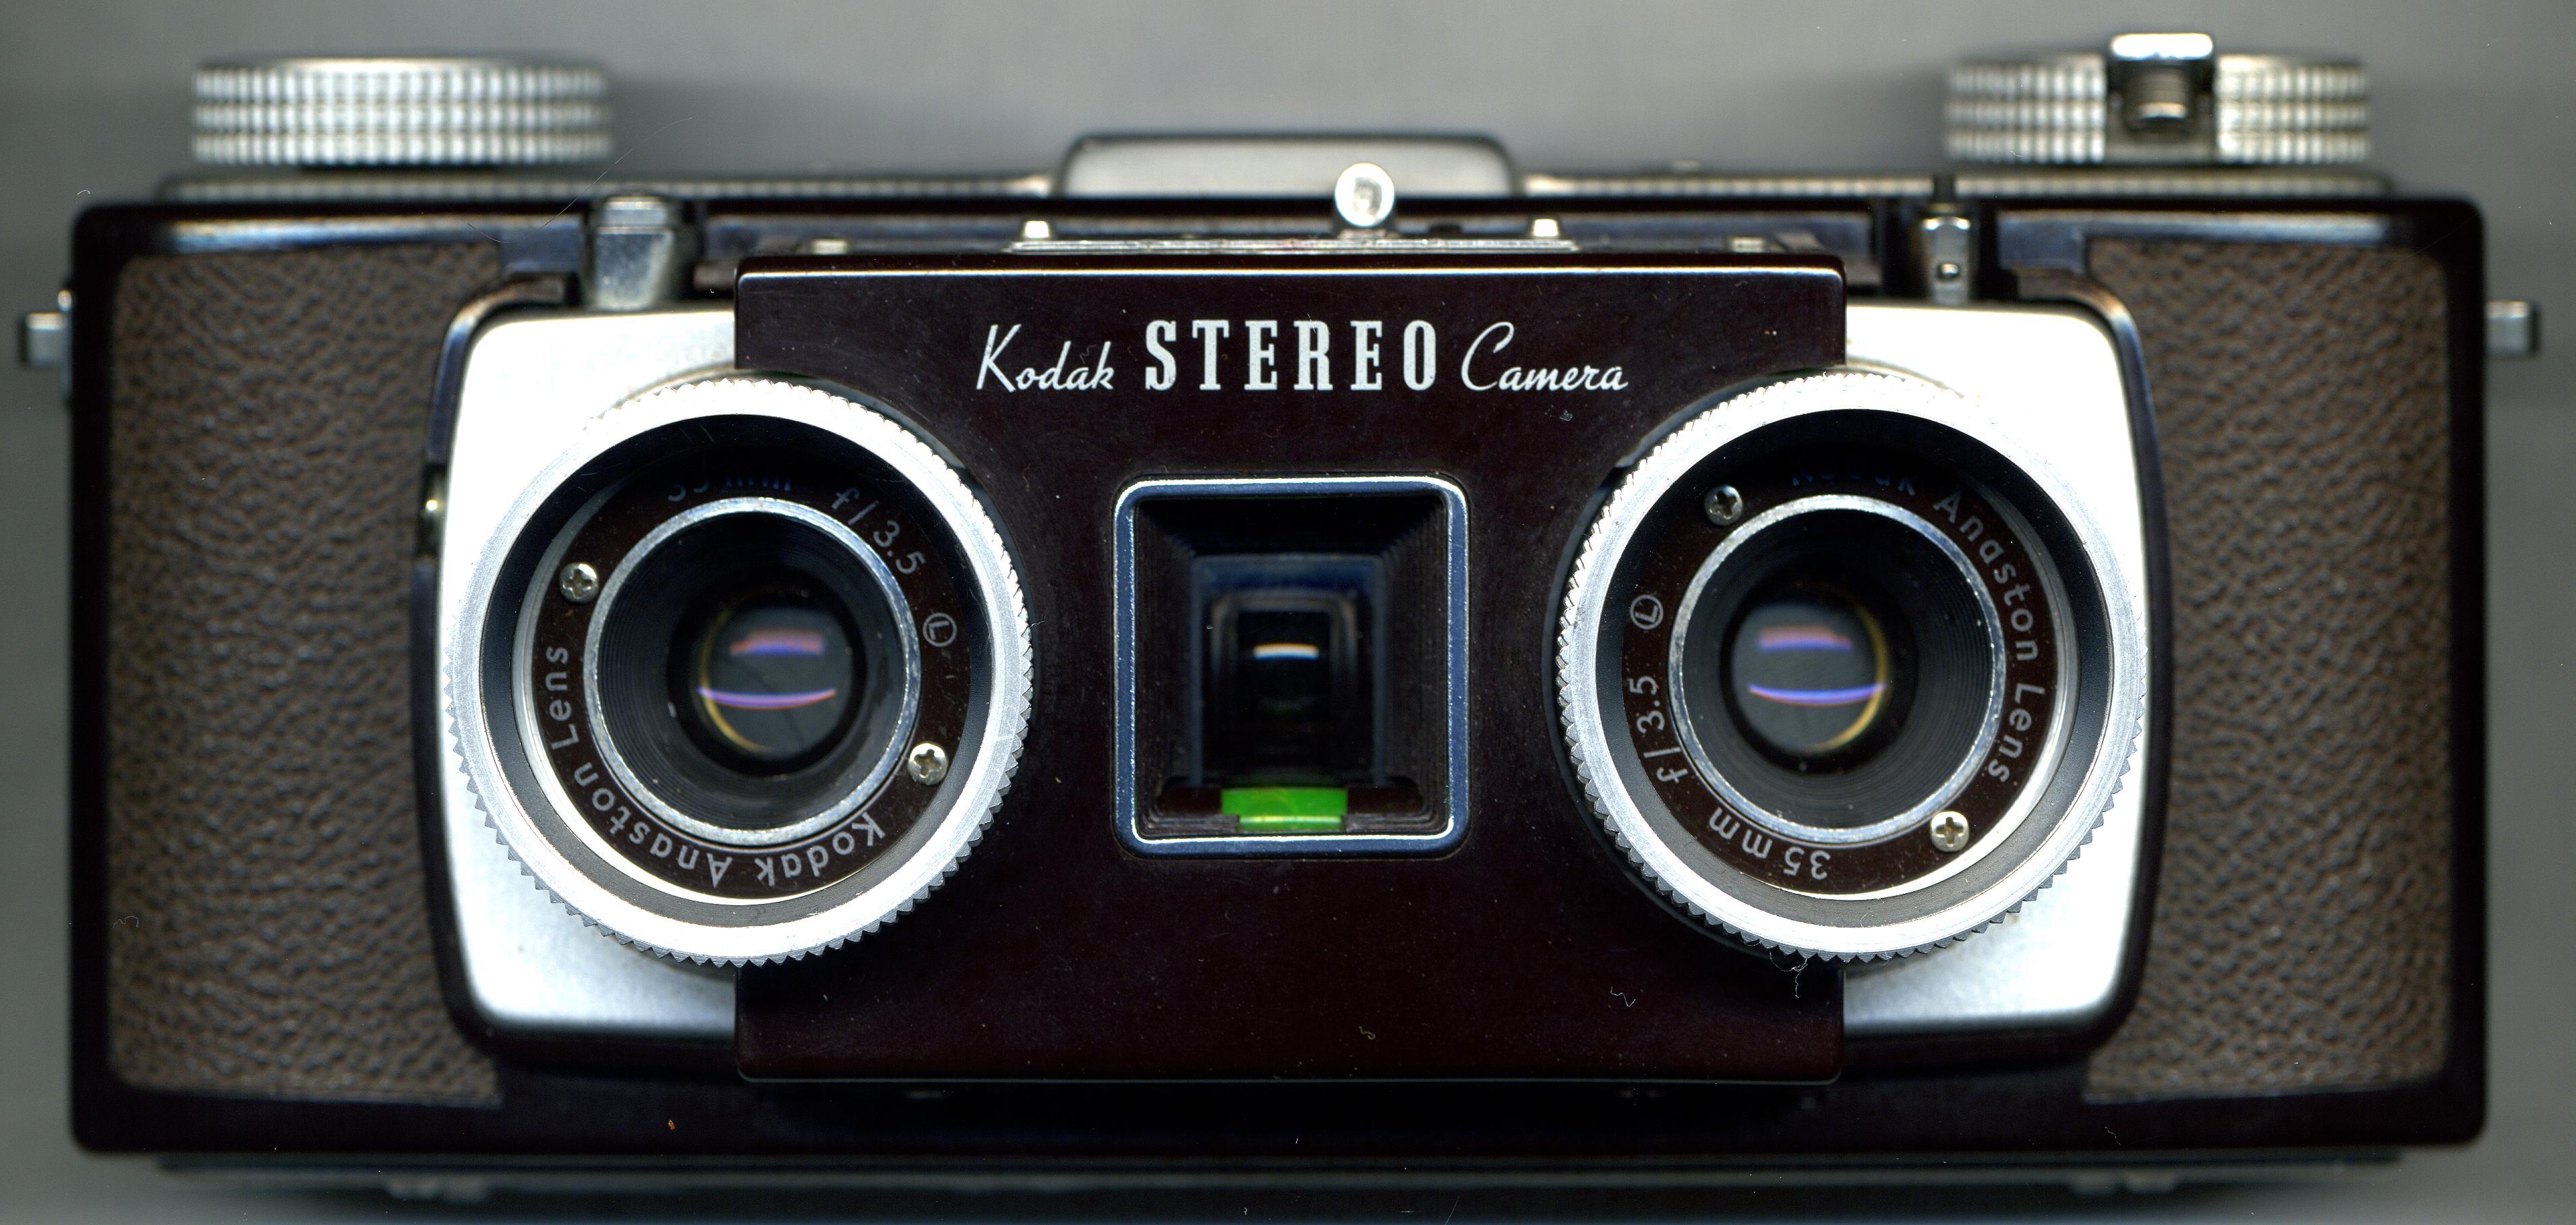 Kodak Stereo Camera Wikipedia